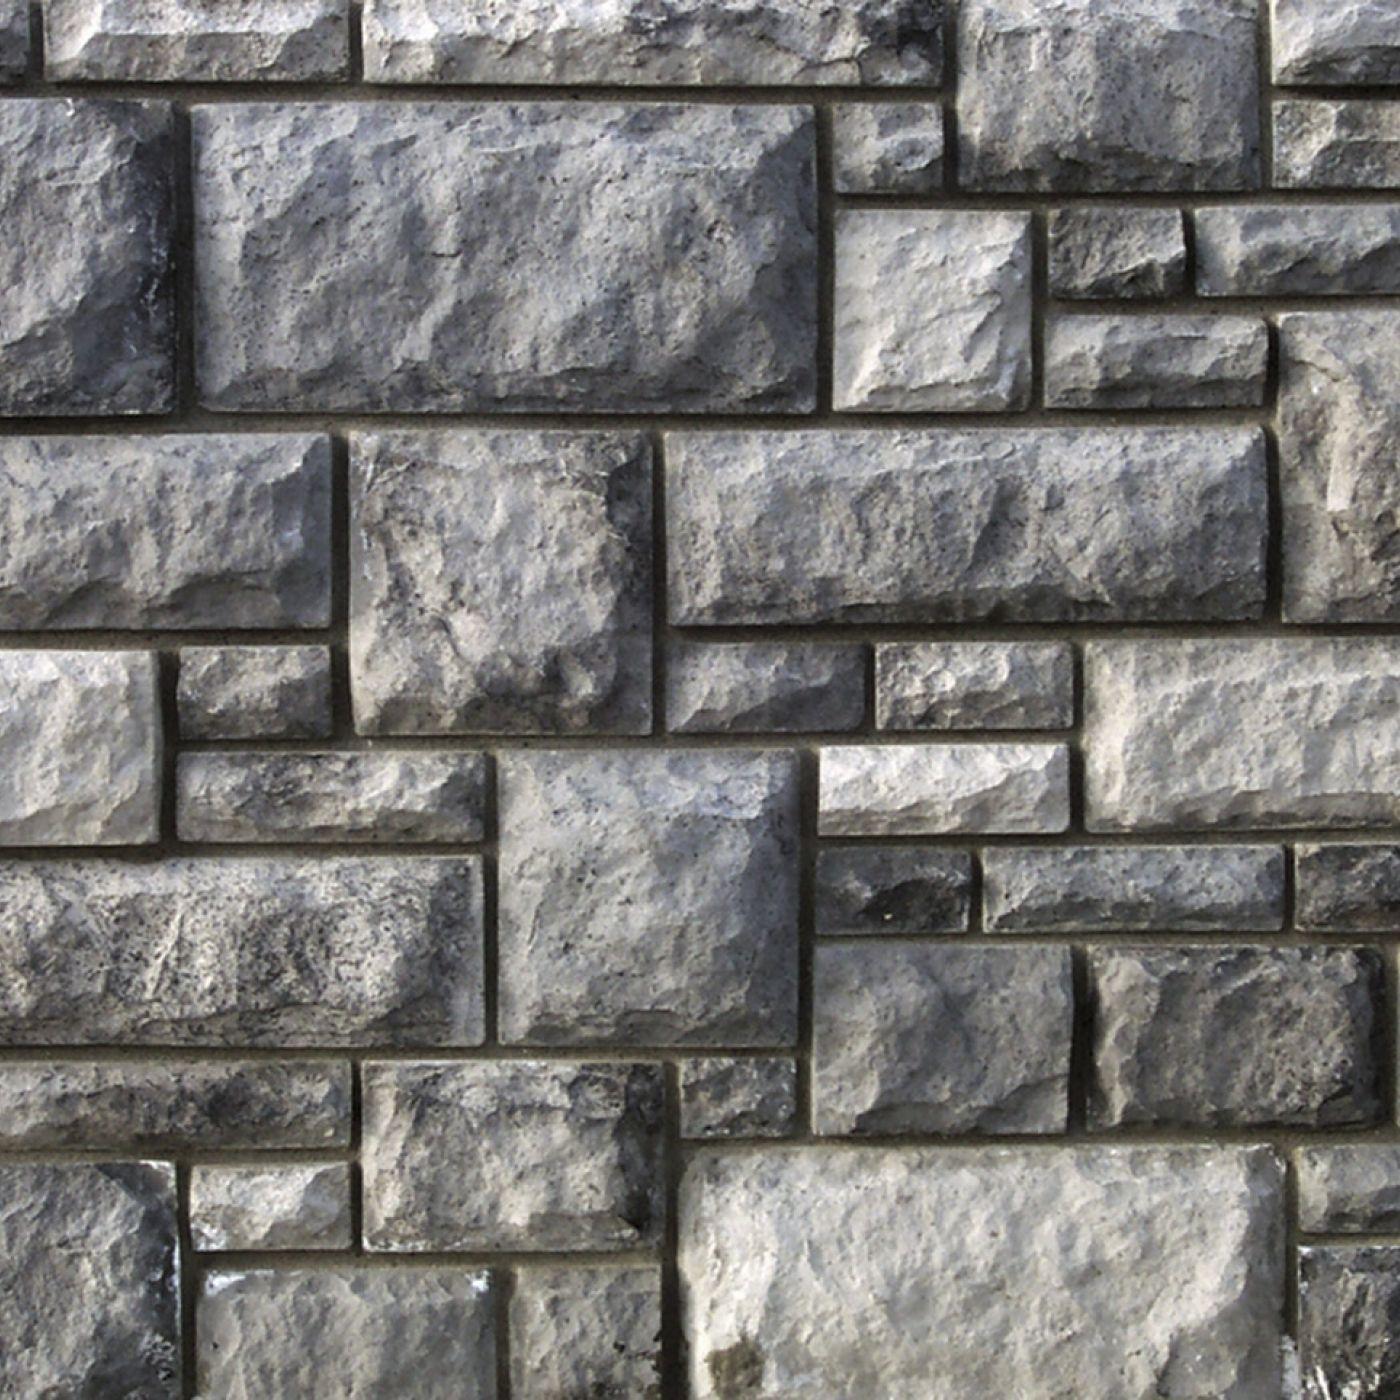 slate castle rock cut stone stone veneer from environmental stoneworks - Slate Castle Ideas